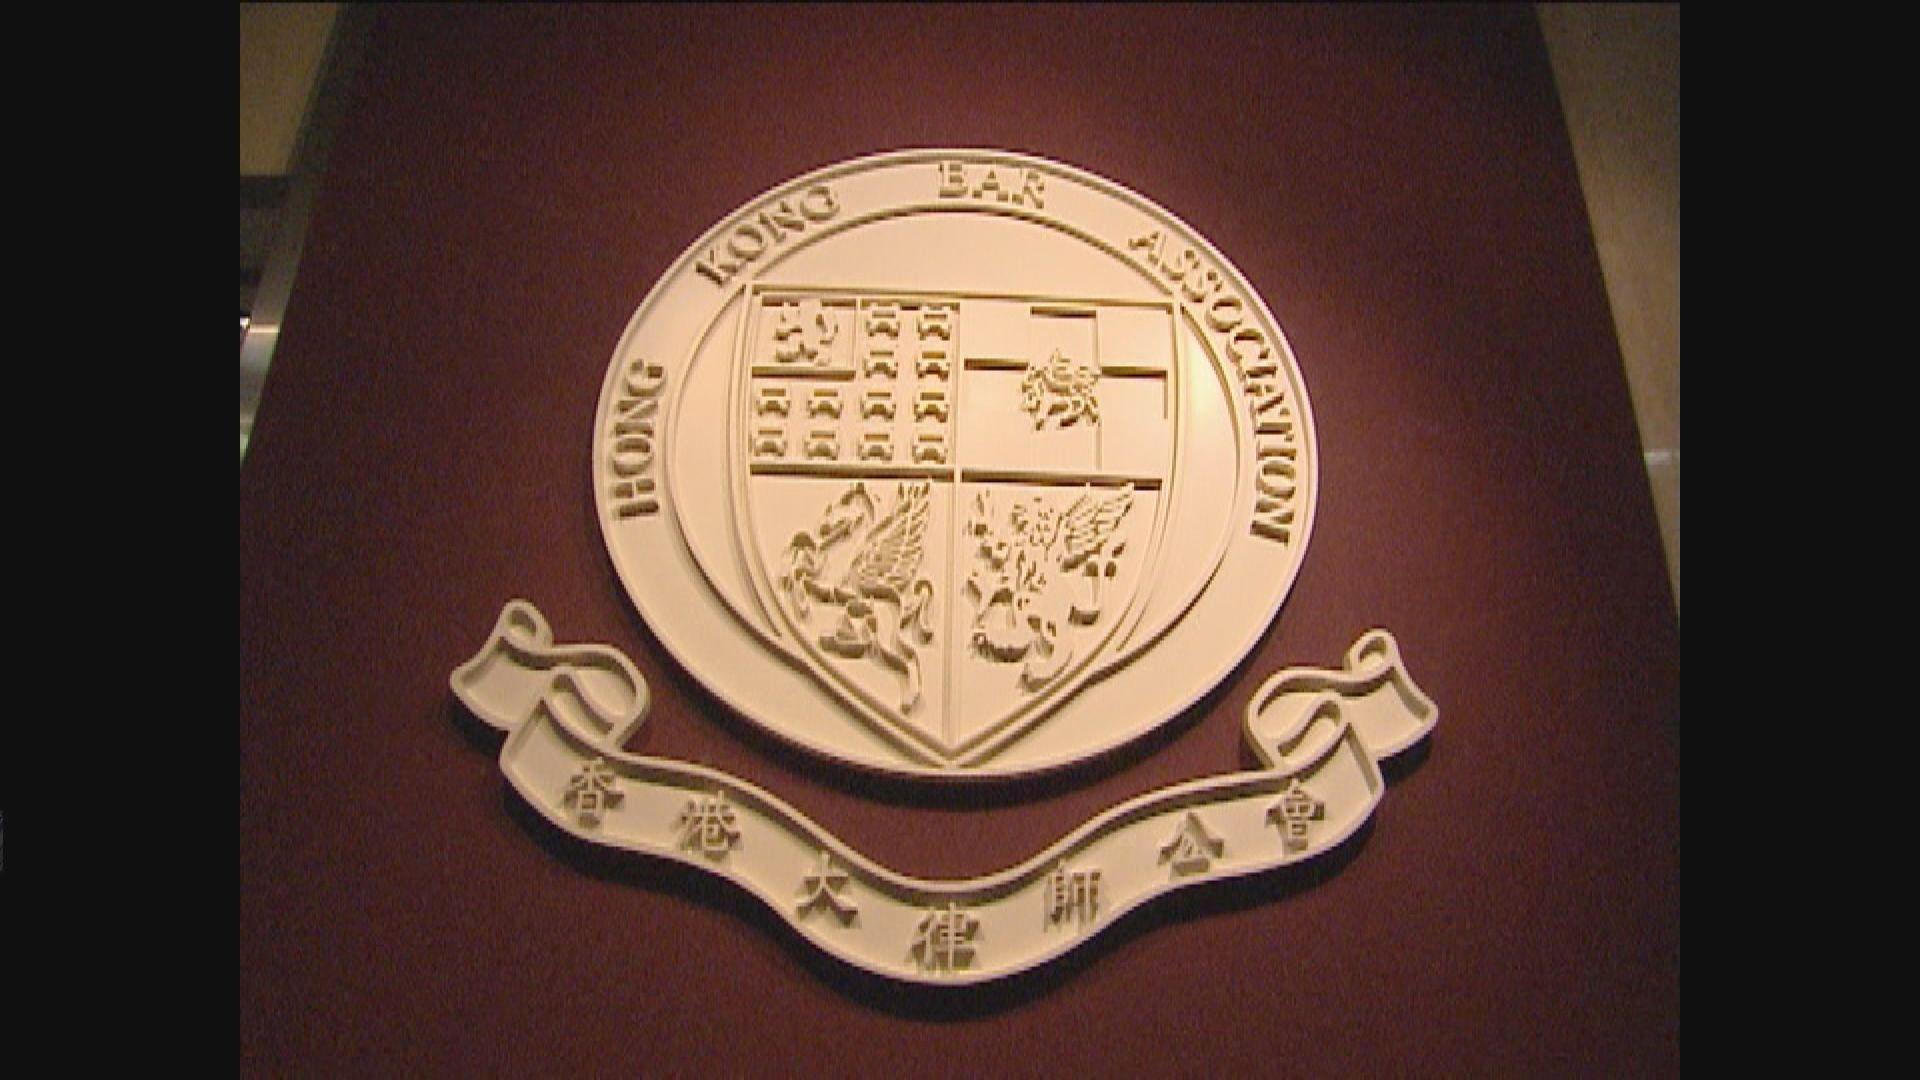 大律師公會要求港府就馬凱事件給予解釋